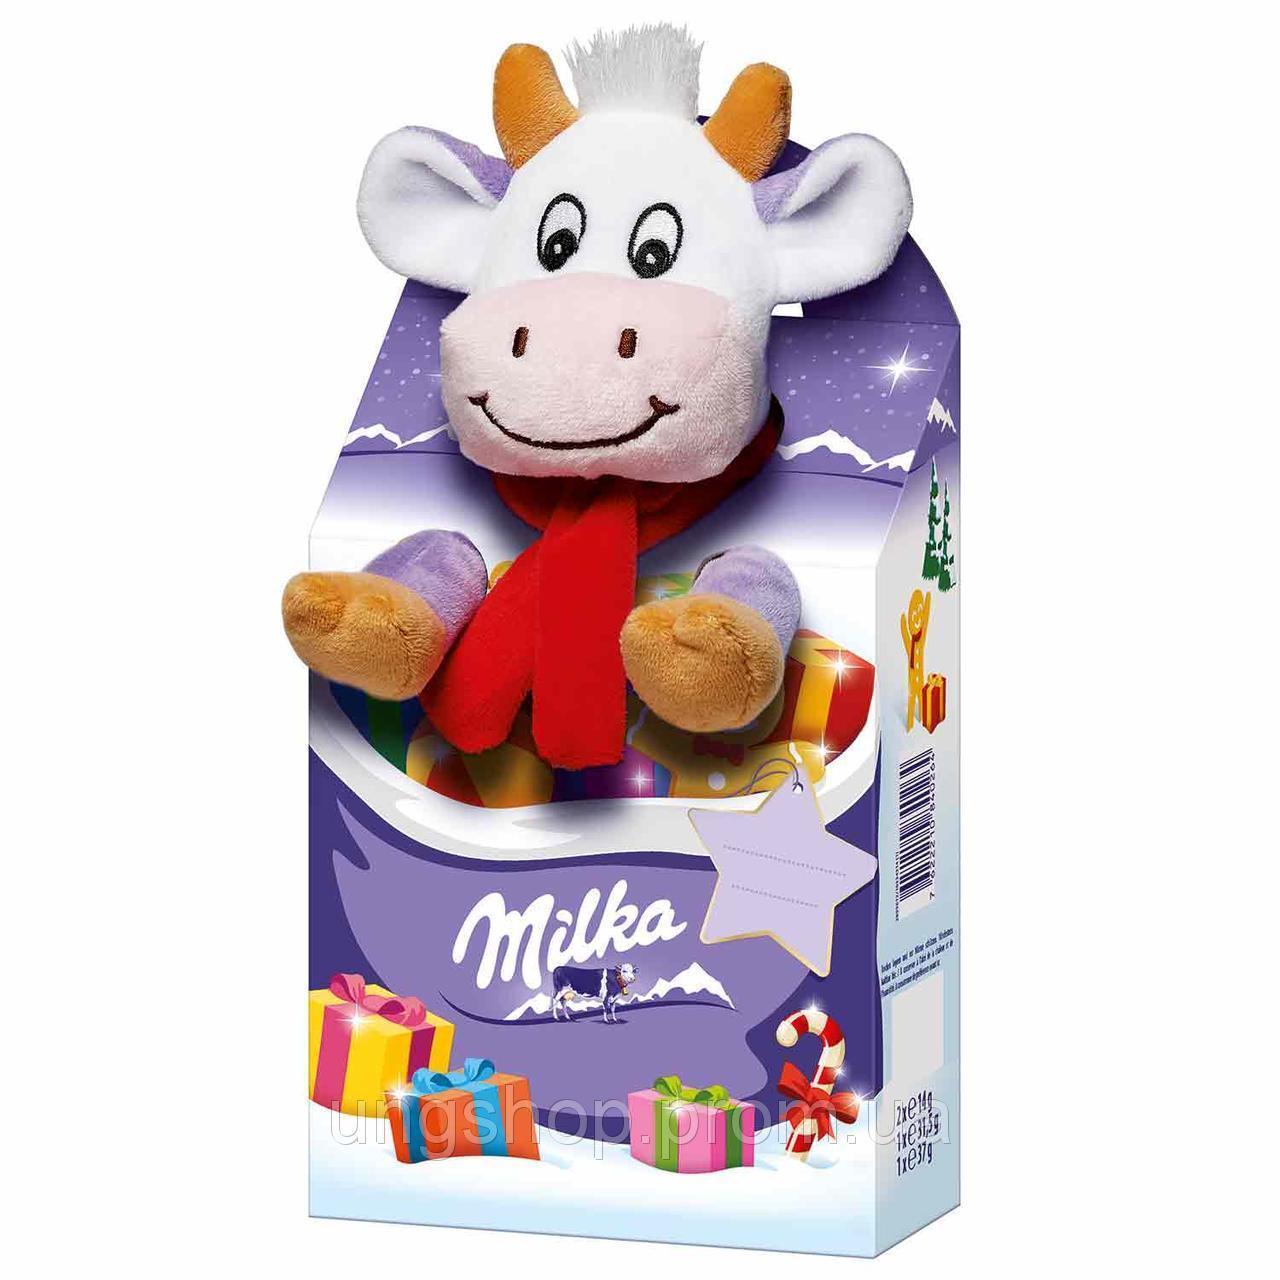 Новогодний Набор сладостей Milka c мягкой игрушкой Коровка, фото 1